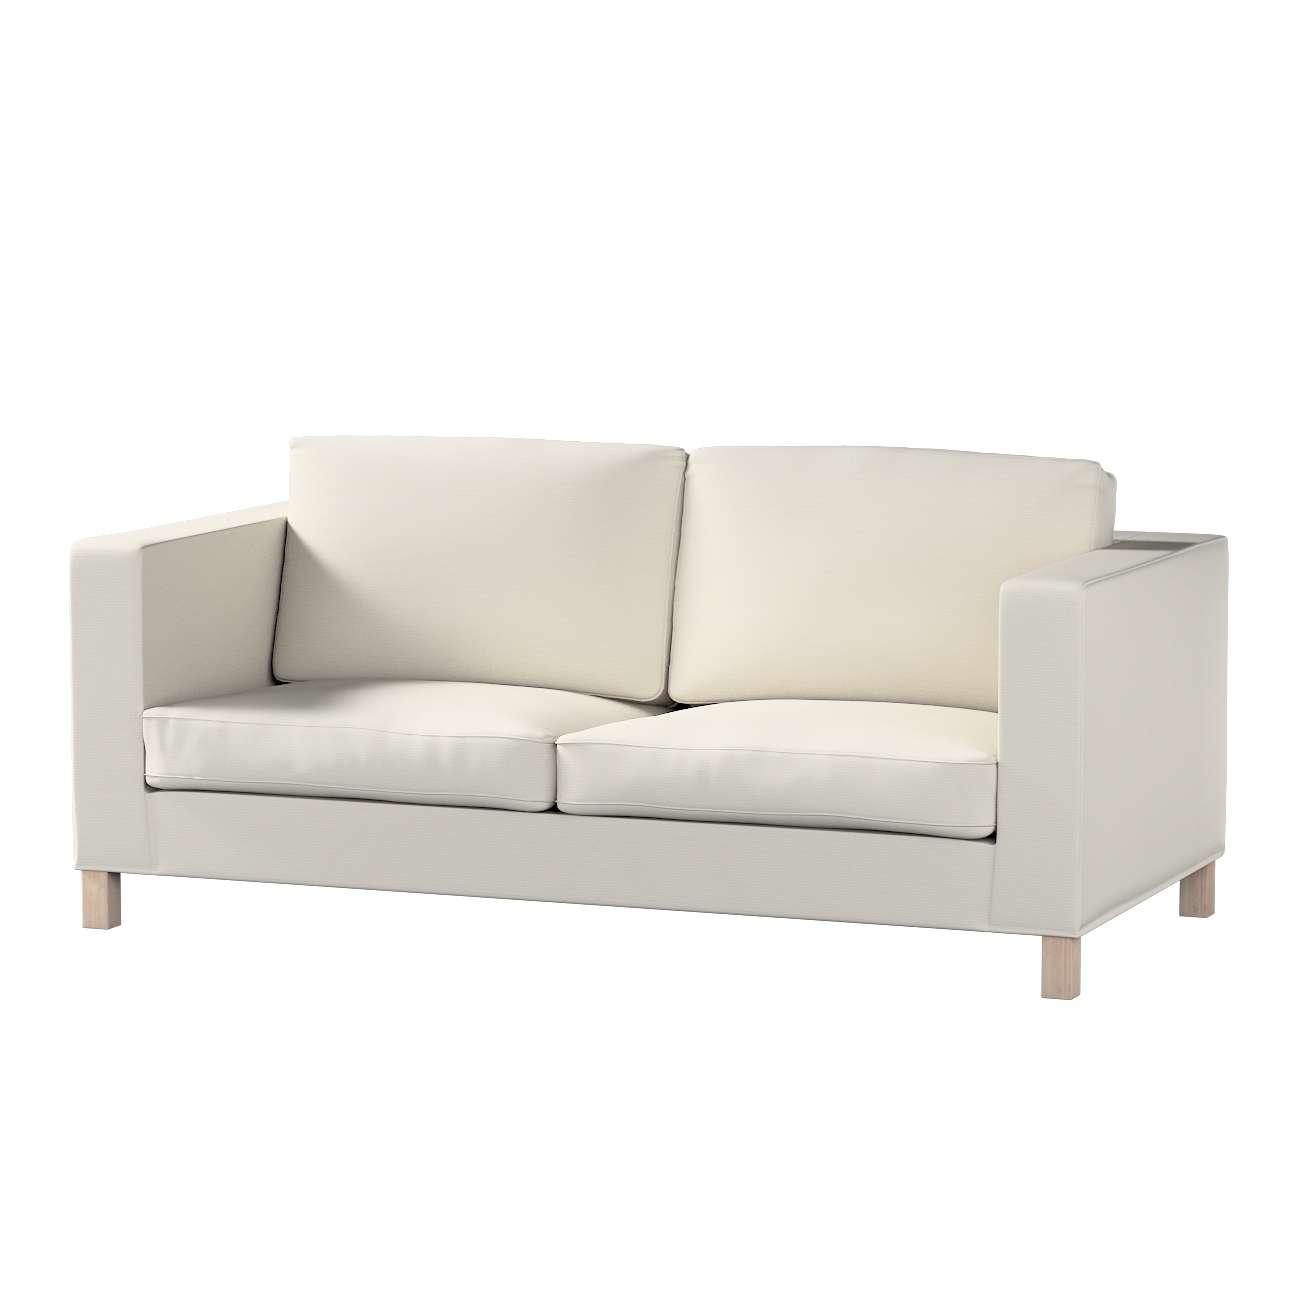 Pokrowiec na sofę Karlanda rozkładaną, krótki Sofa Karlanda rozkładana w kolekcji Cotton Panama, tkanina: 702-31